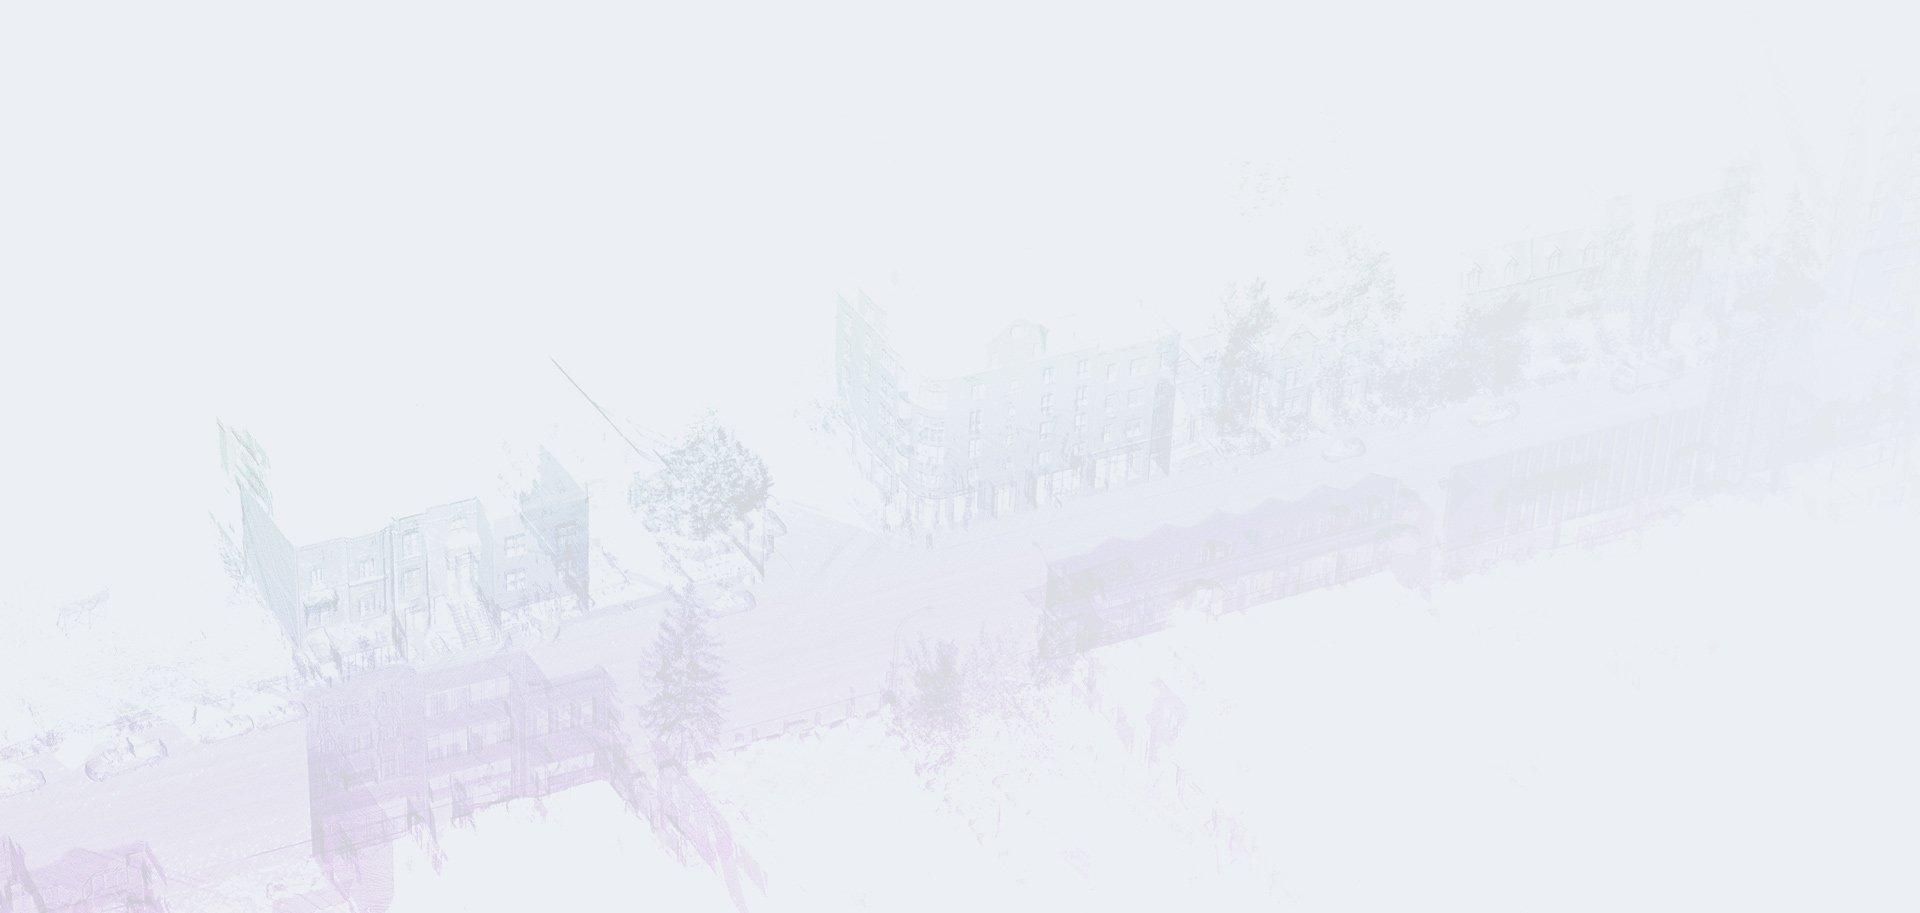 Jakarto_Jakartown_Background_V01